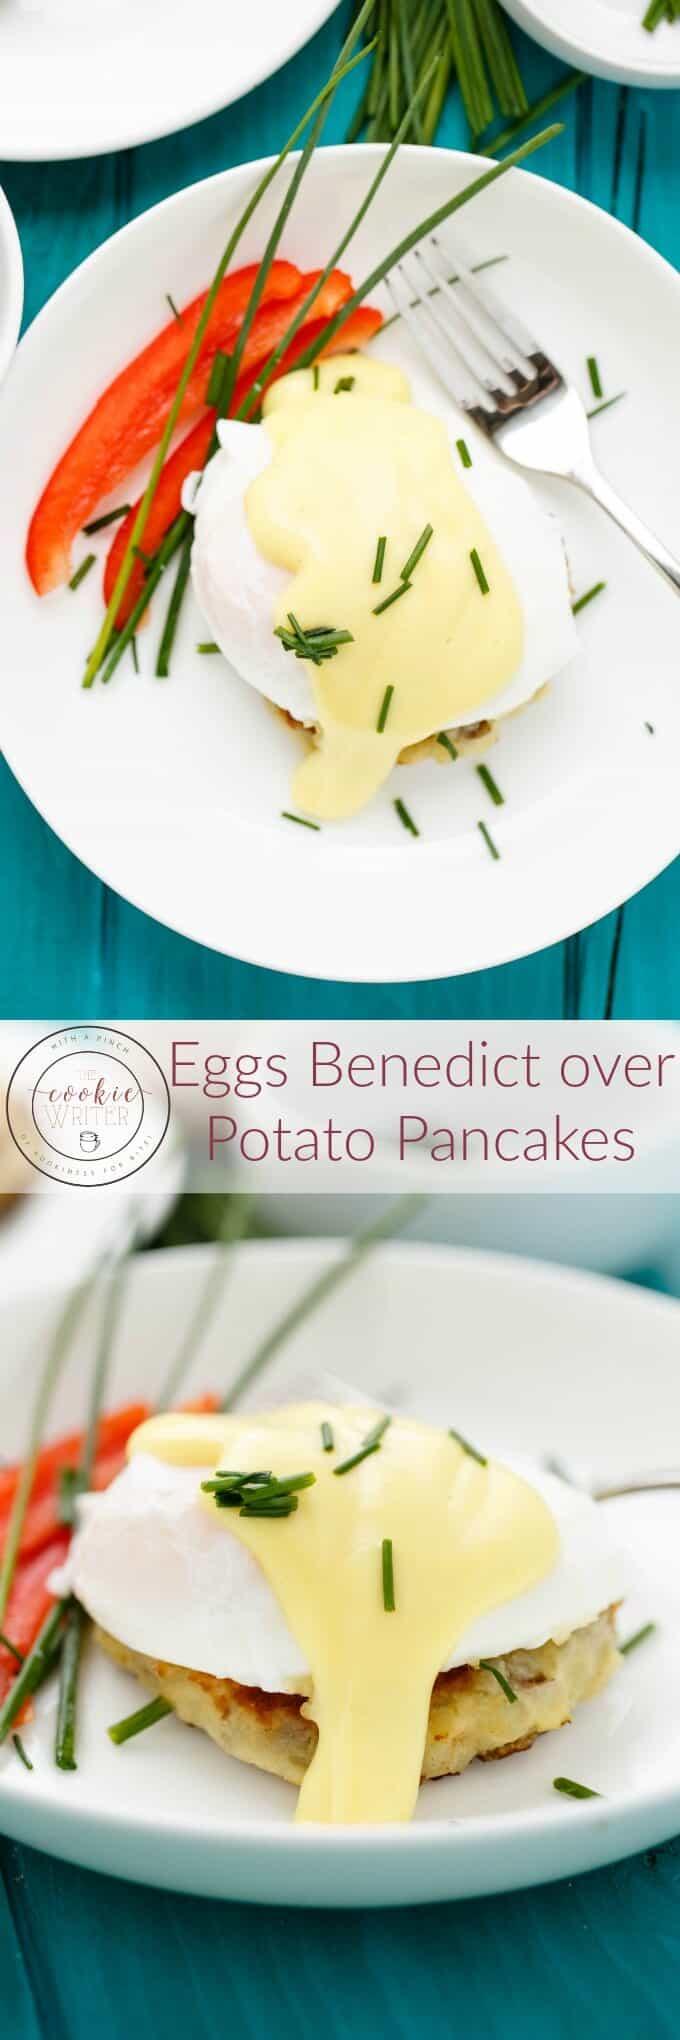 Eggs Benedict over Potato Pancakes